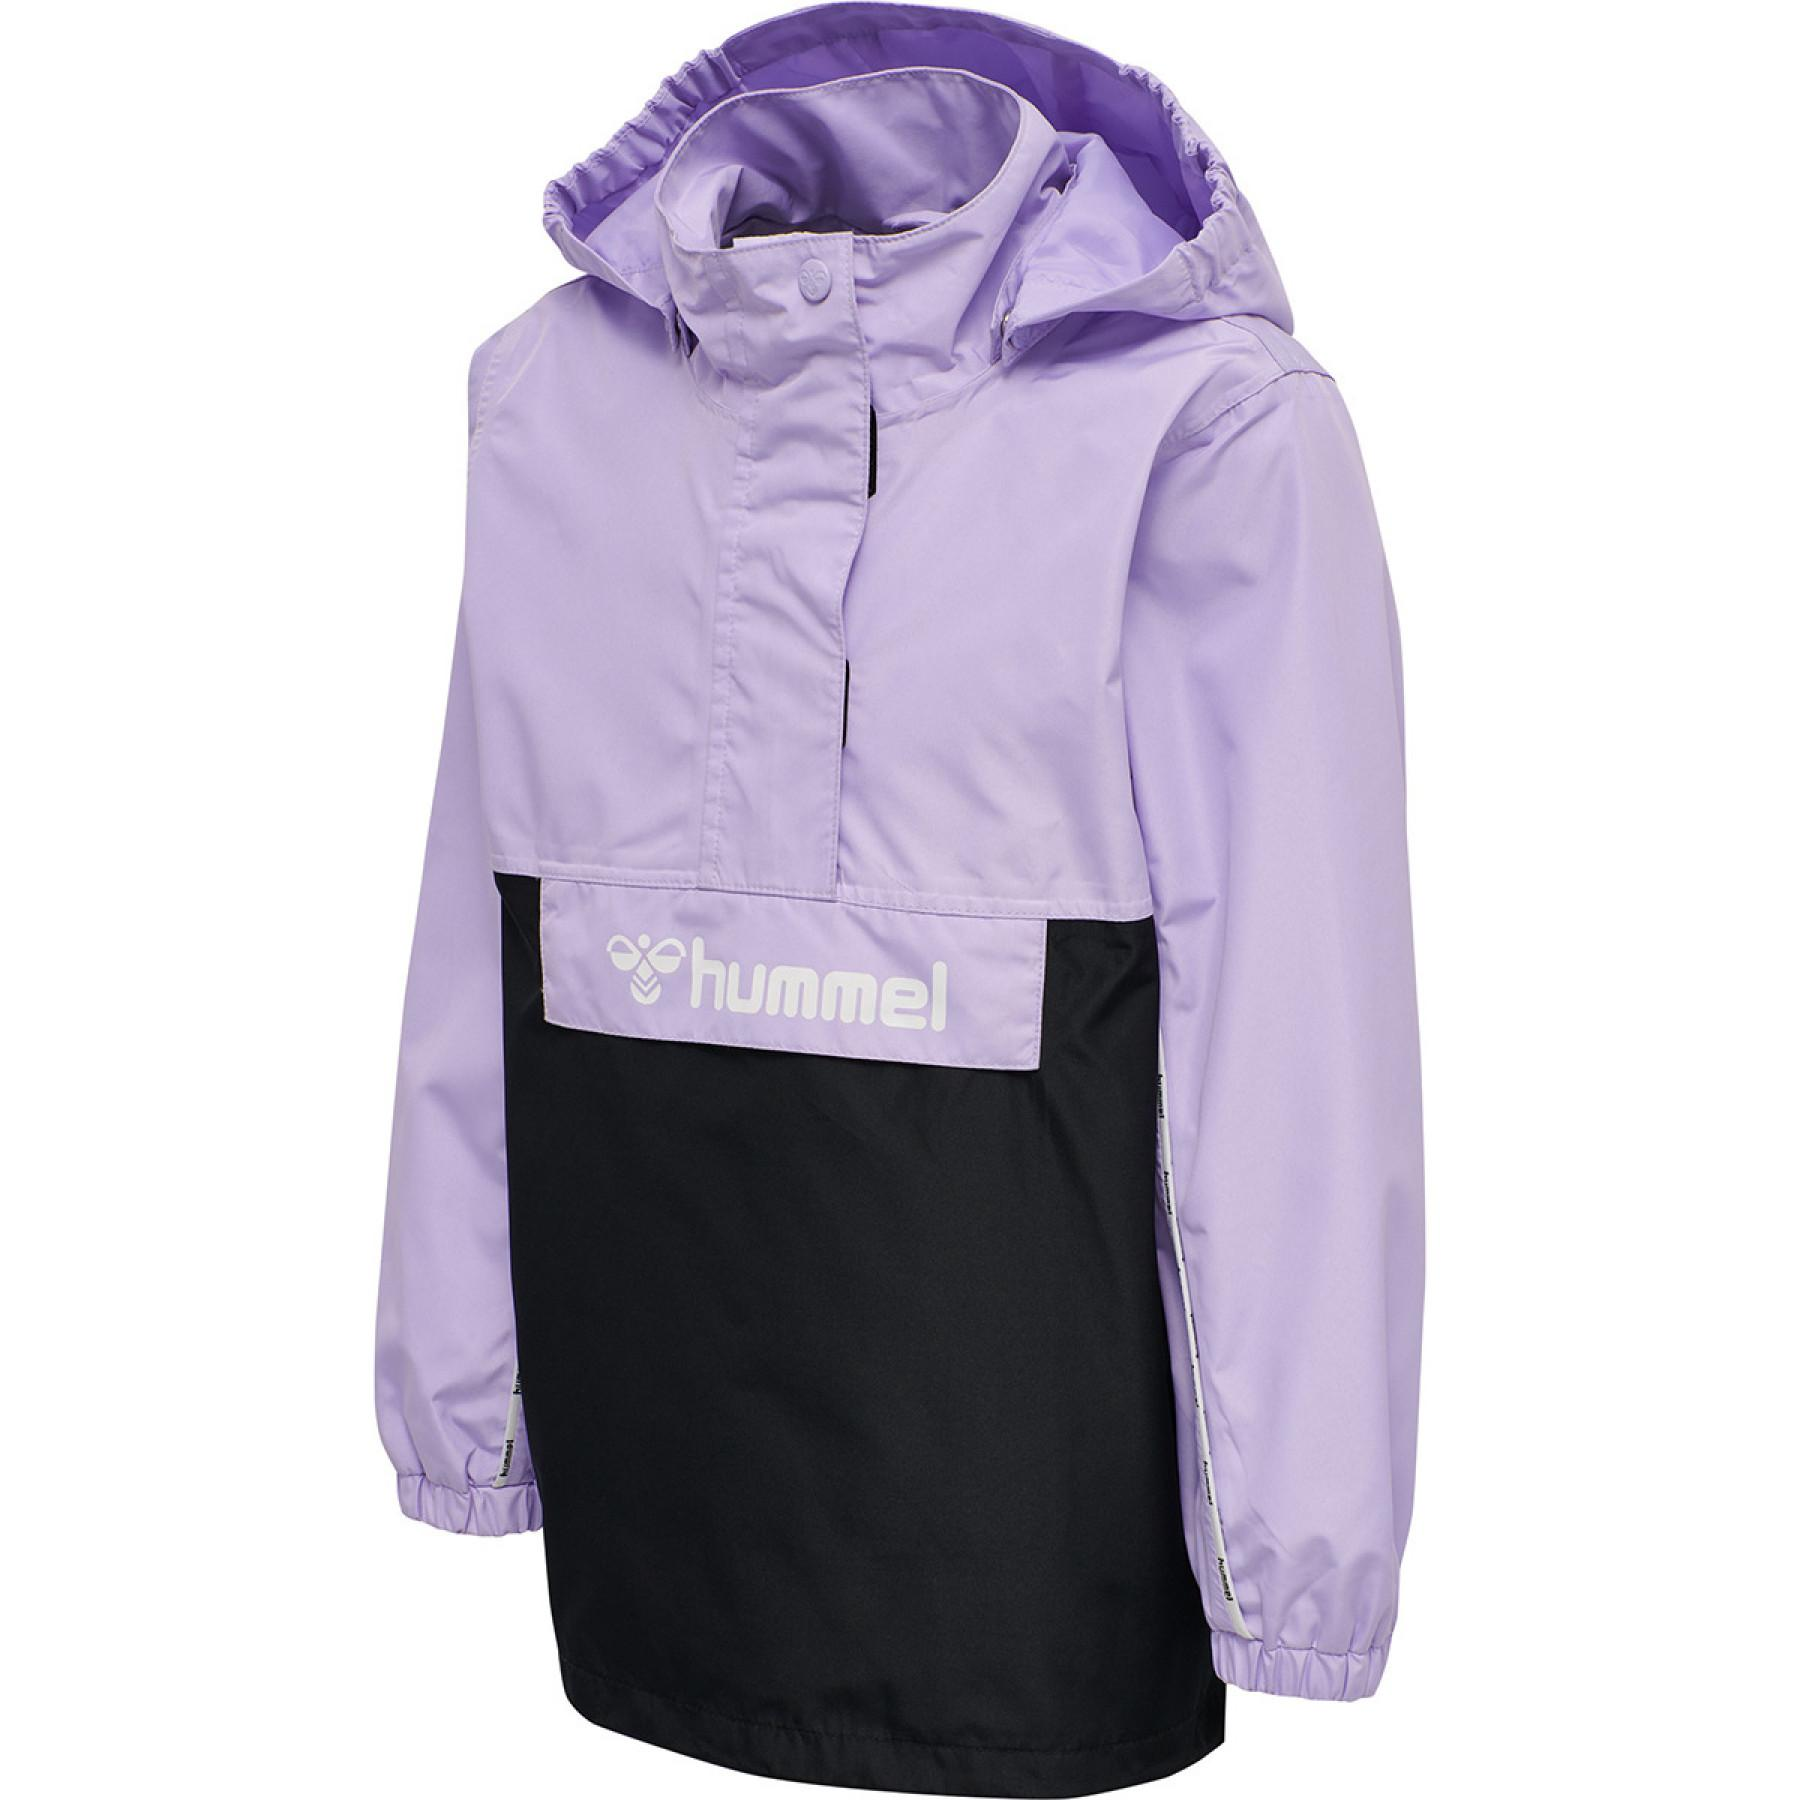 Children's jacket Hummel hmltimu